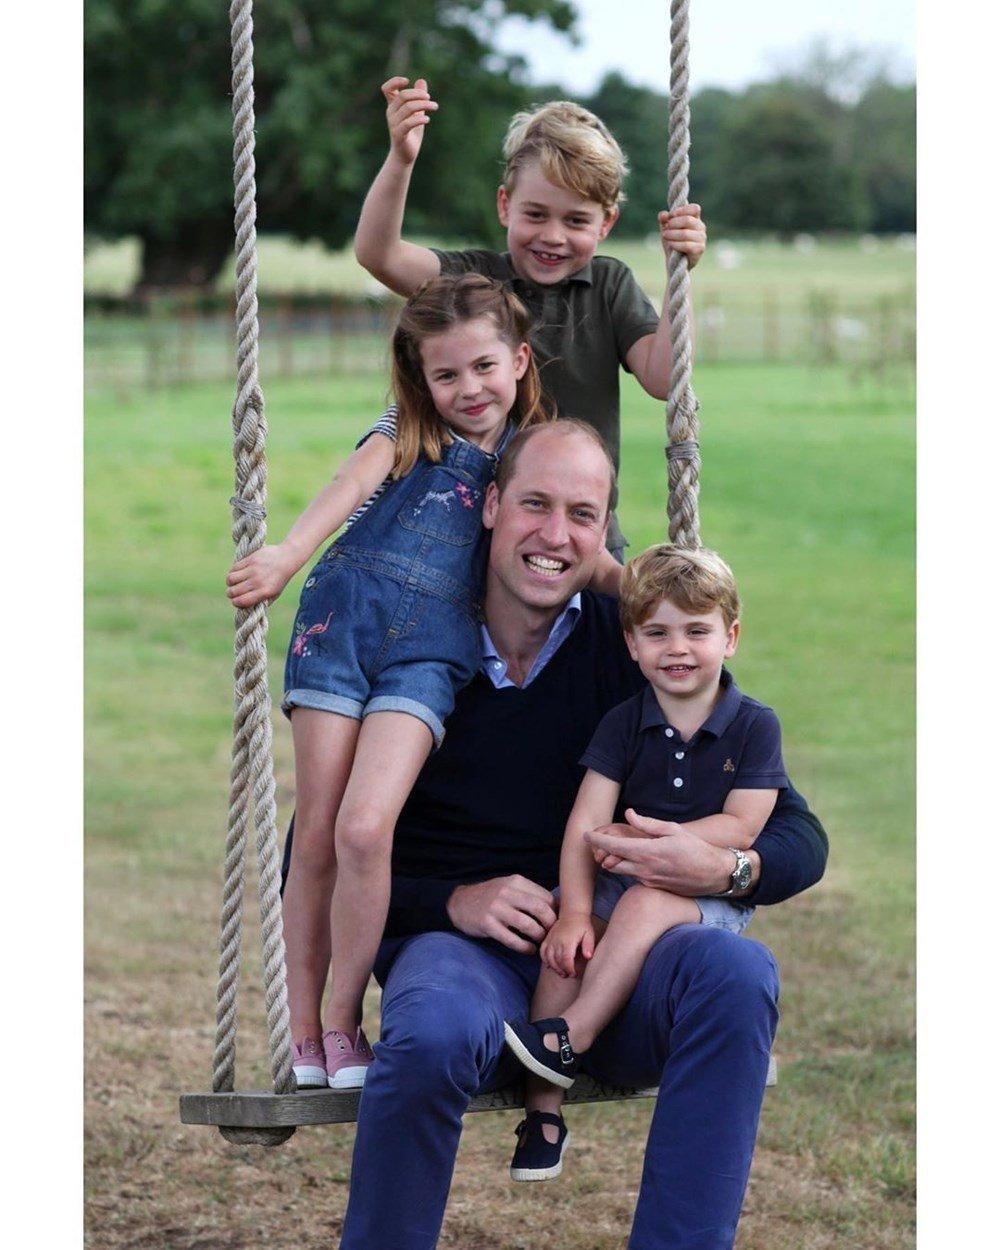 Prens William 38'inci doğum gününü kutladı! O anları eşi Kate Middleton fotoğrafladı